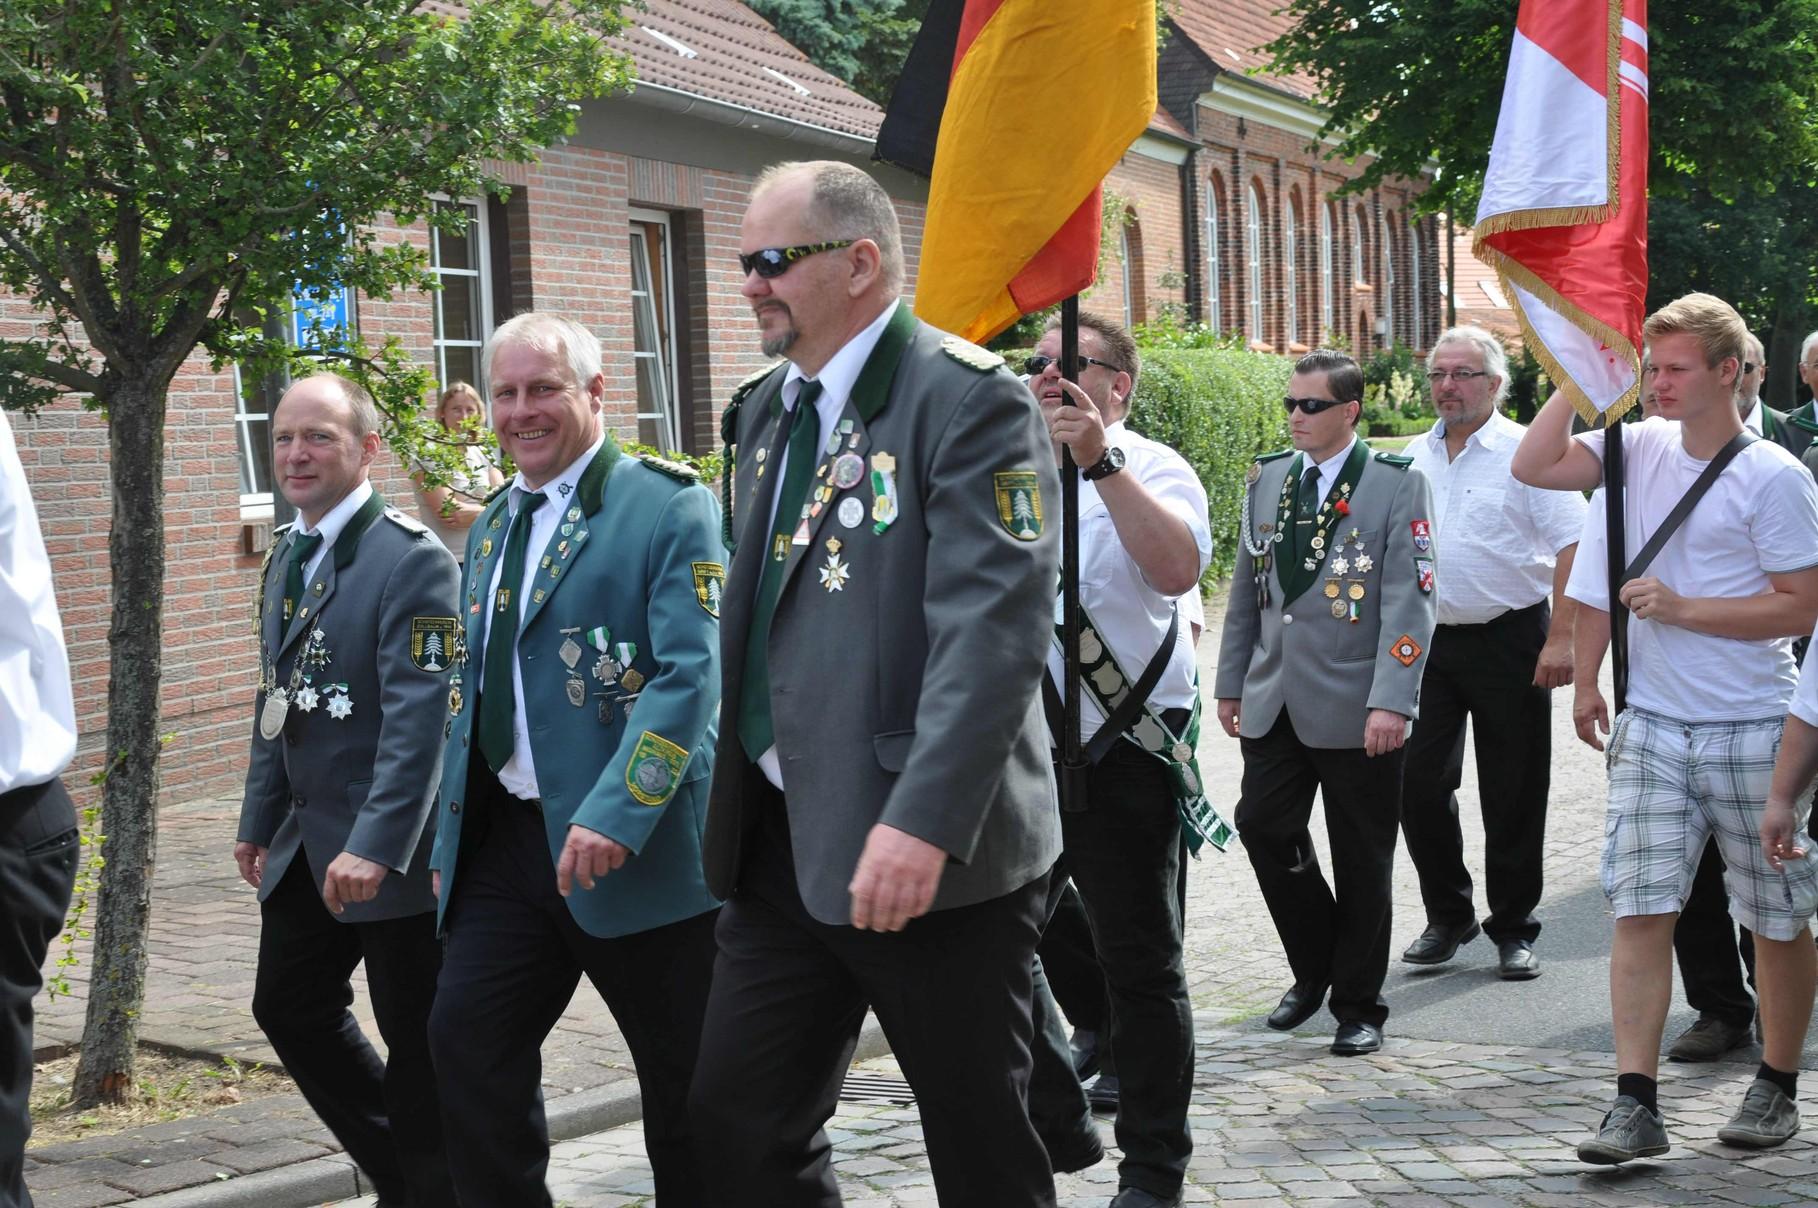 Gäste befreundeter Schützenvereine begleiten den Umzug